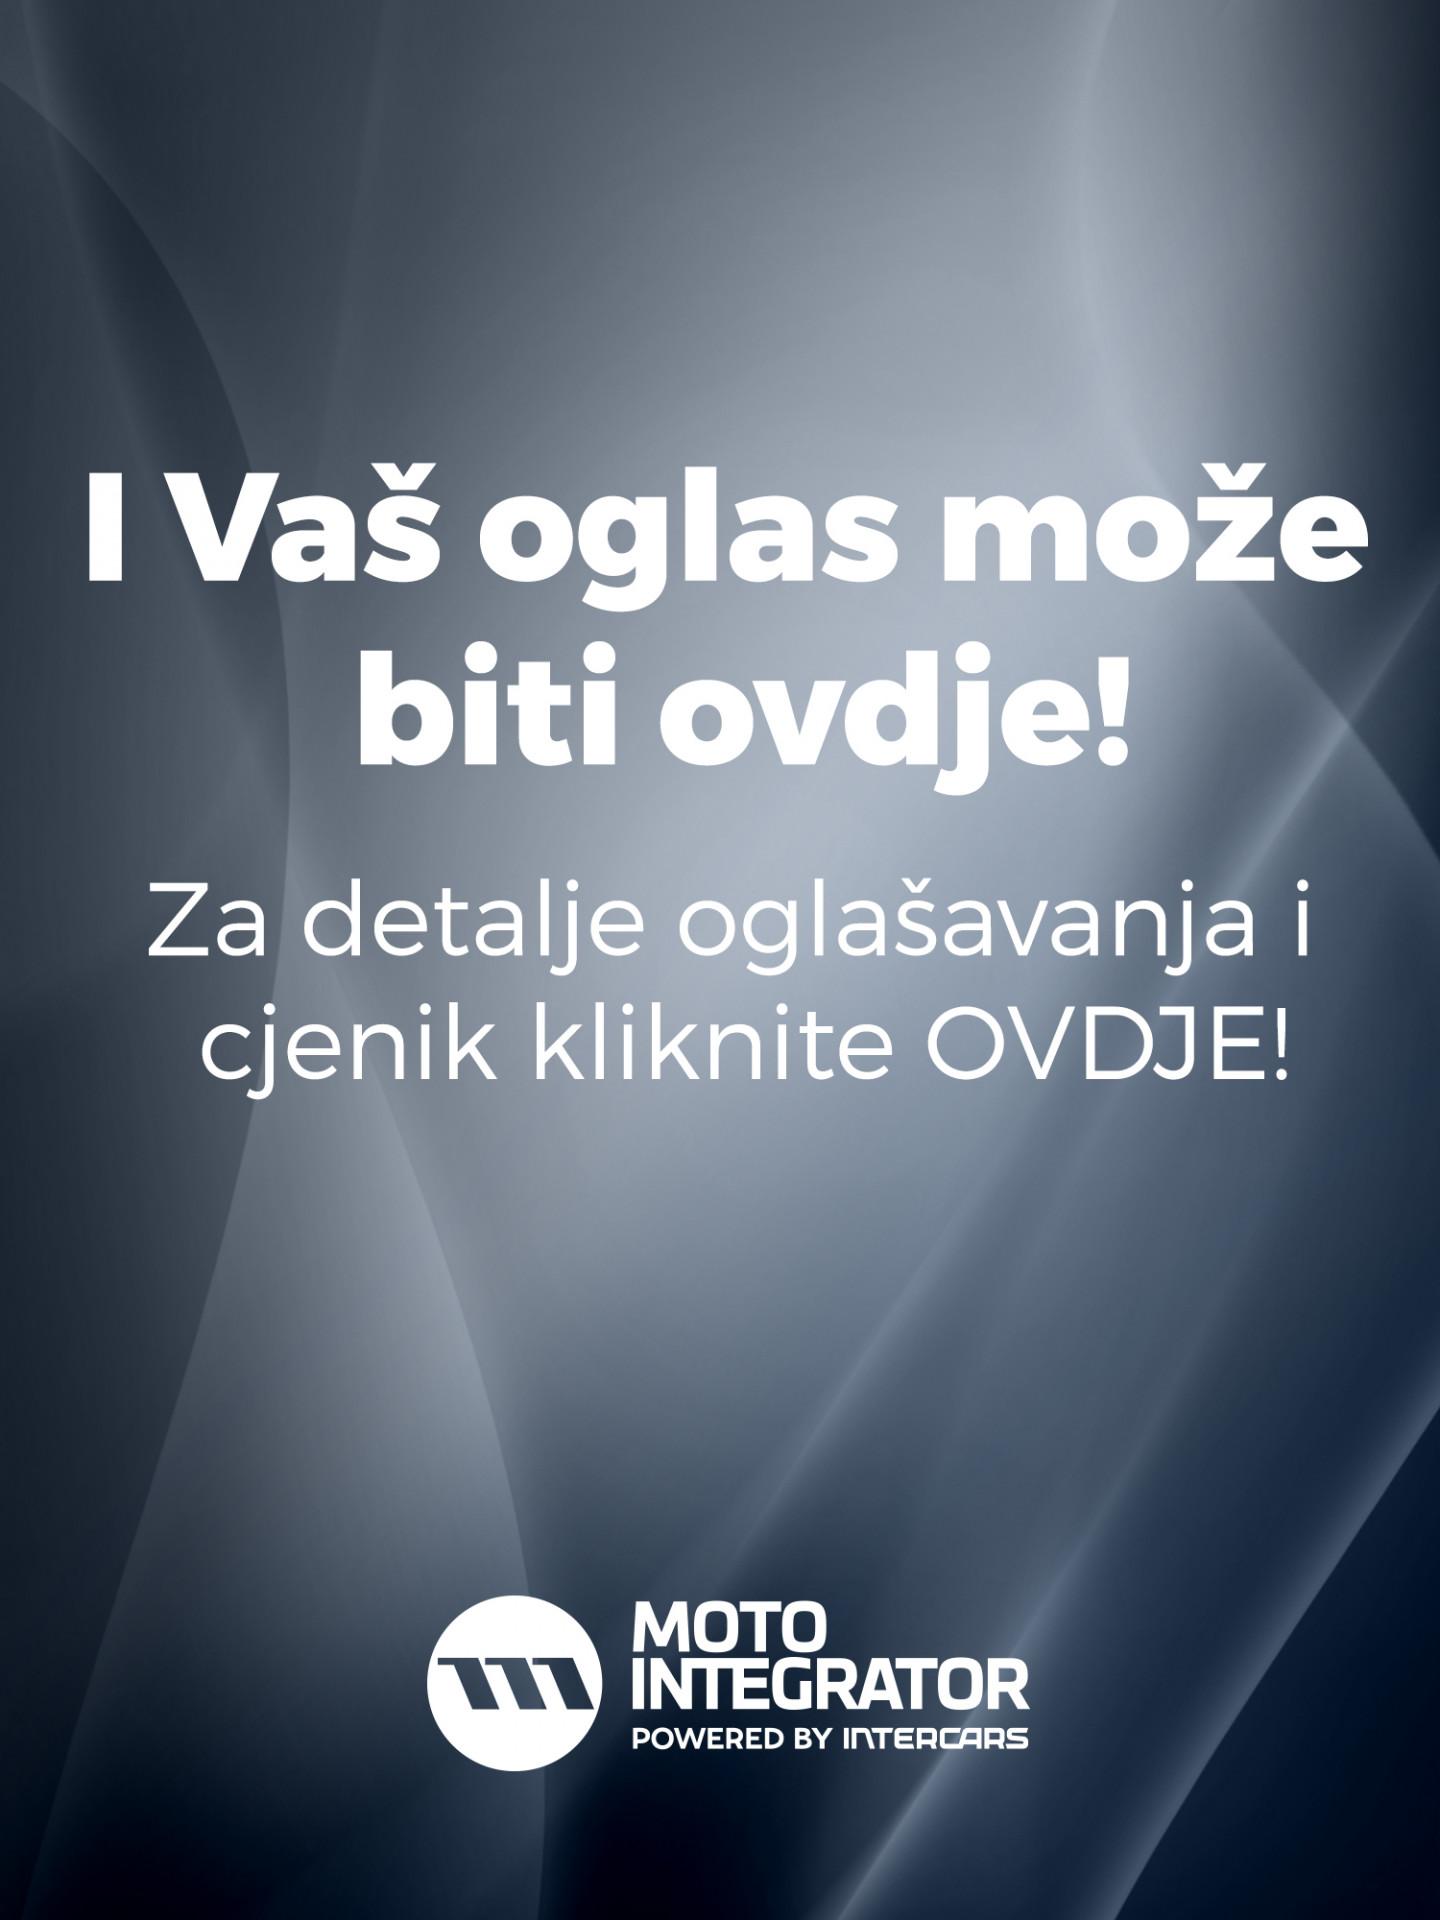 https://motointegrator.com/hr/hr/kontakt